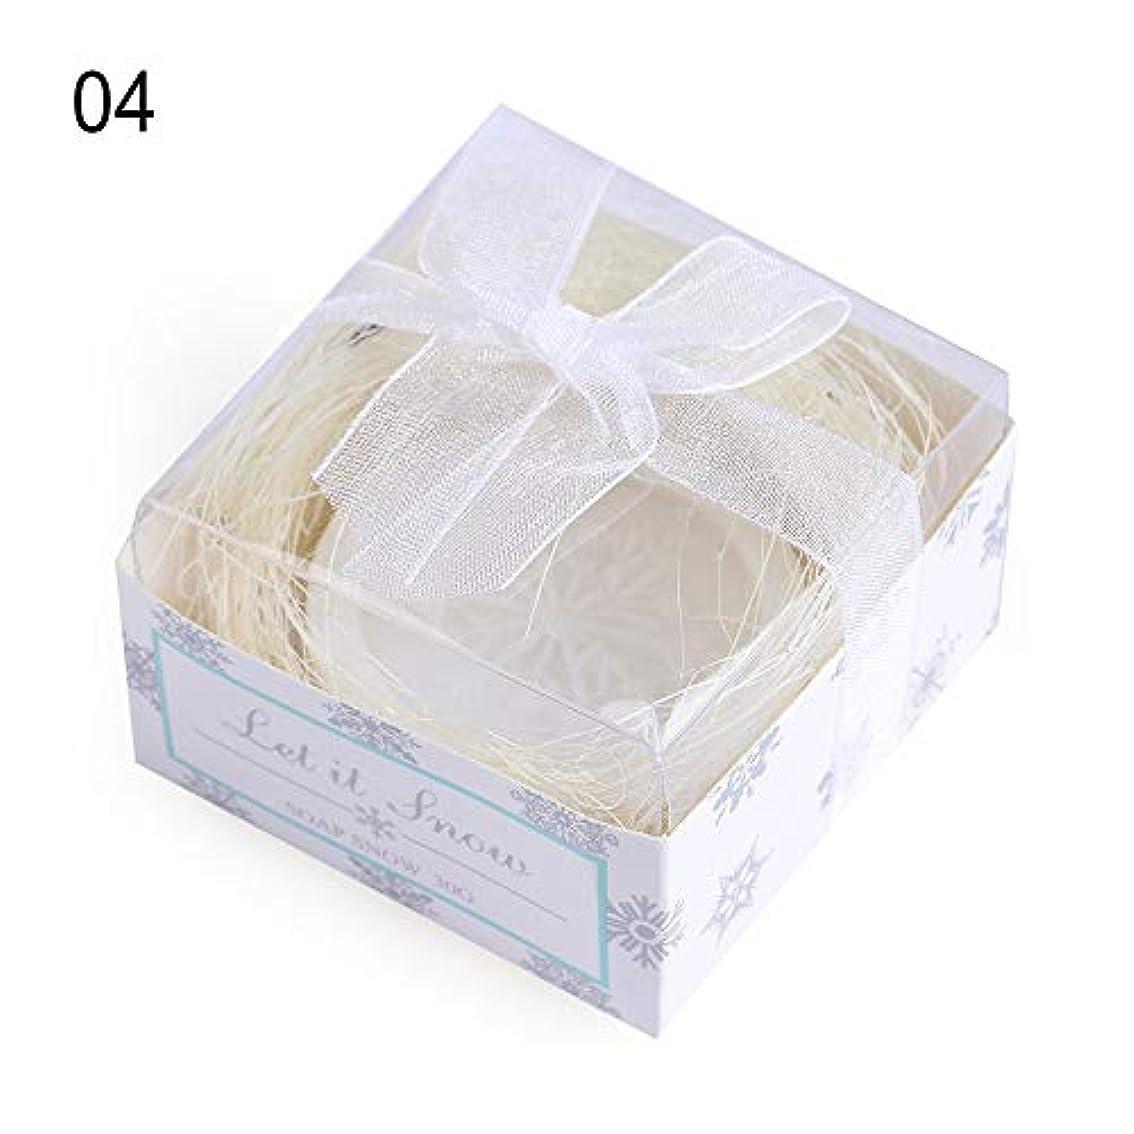 リーダーシップ同志塊手作り石鹸ミニ様々なファッション形状デザイン浴室石鹸結婚式パーティーハンドギフト